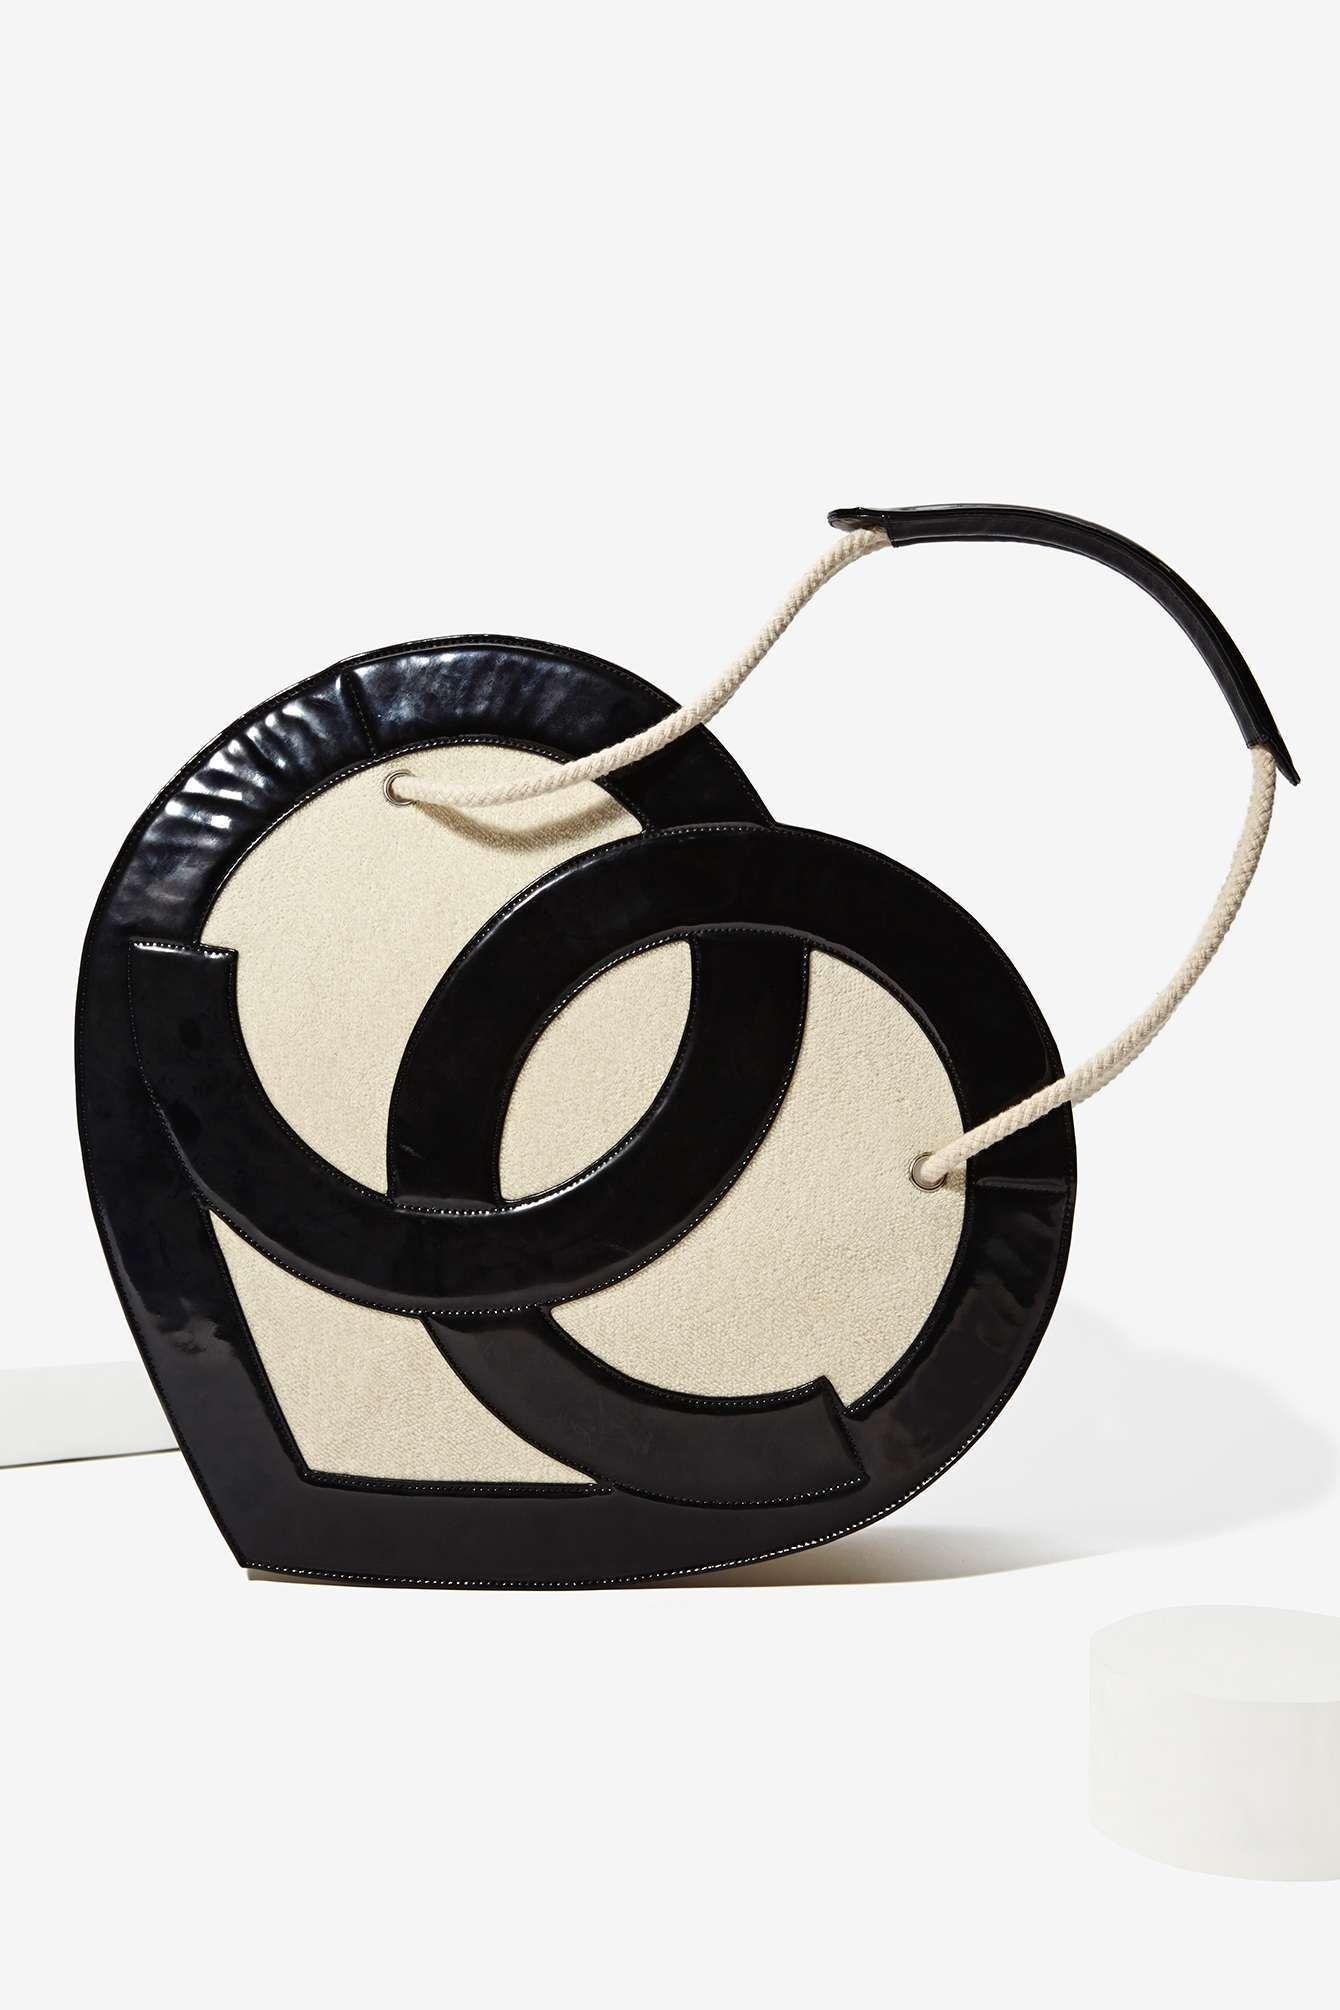 431802583d2d ❥ Vintage Chanel Heart Logo Bag